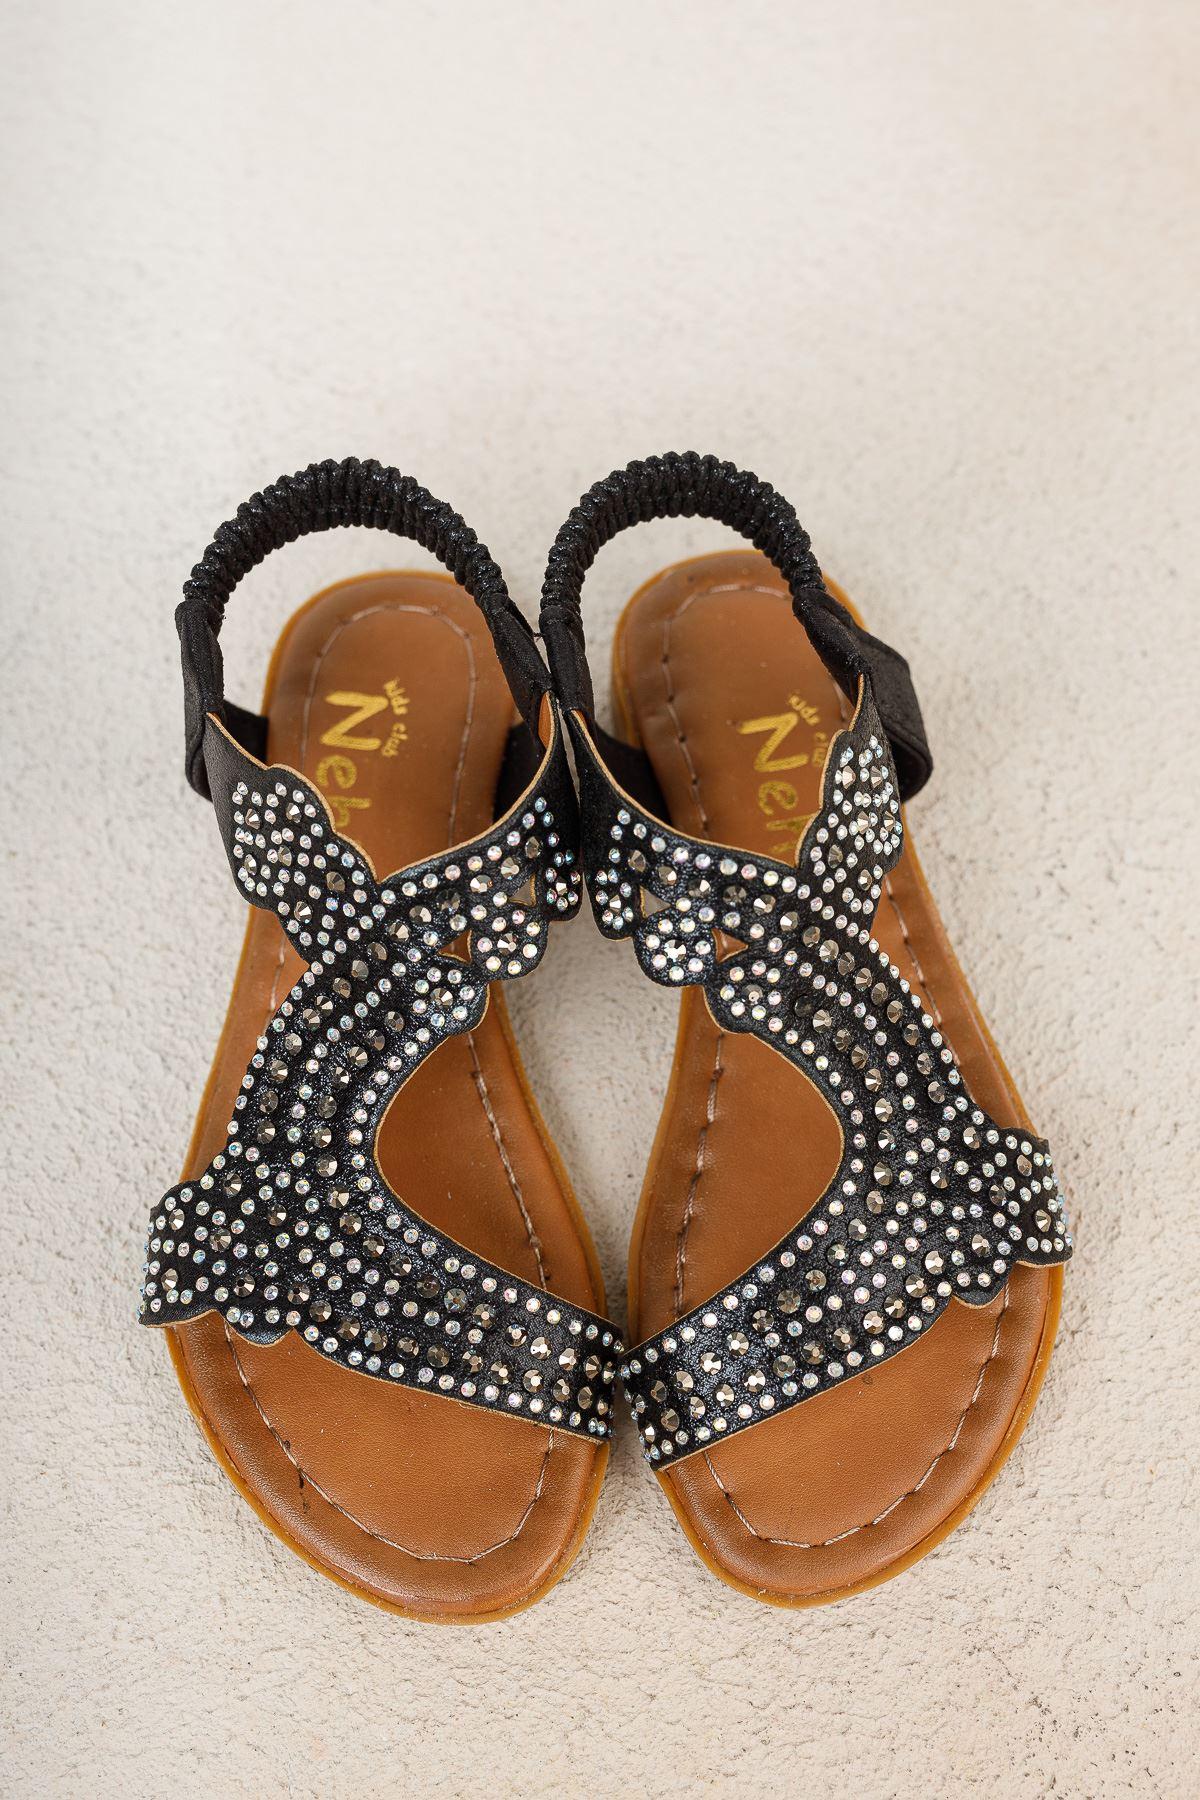 Siyah Taşlı Kız Çocuk Sandalet